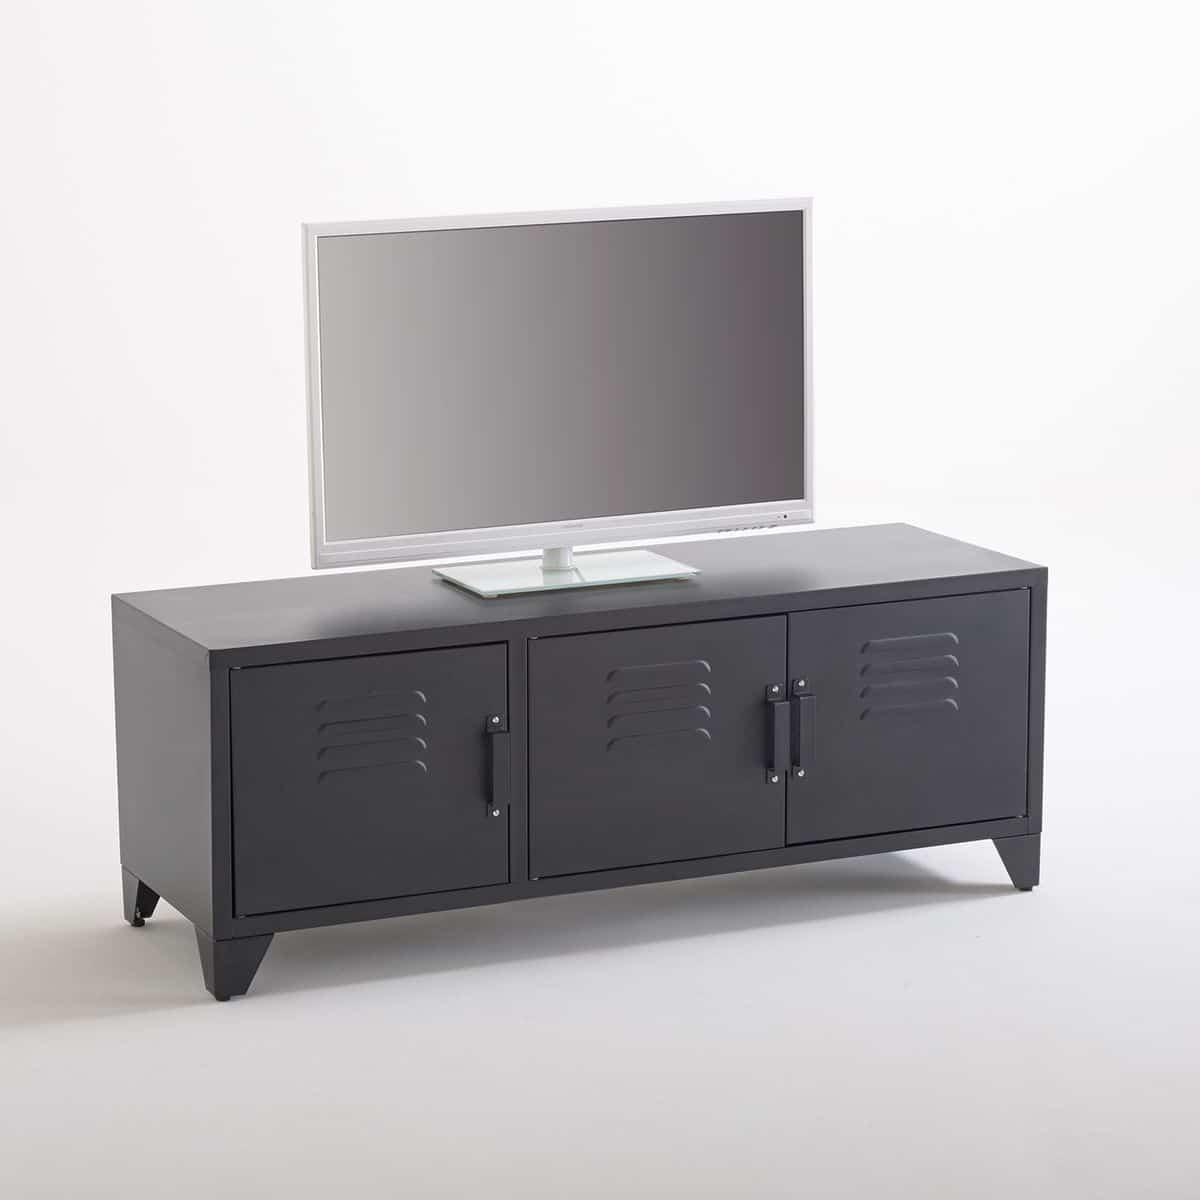 Meuble Tv Industriel 40 Id Es Et Mod Les 100 D Cal S # Meuble Tv Avec Placard